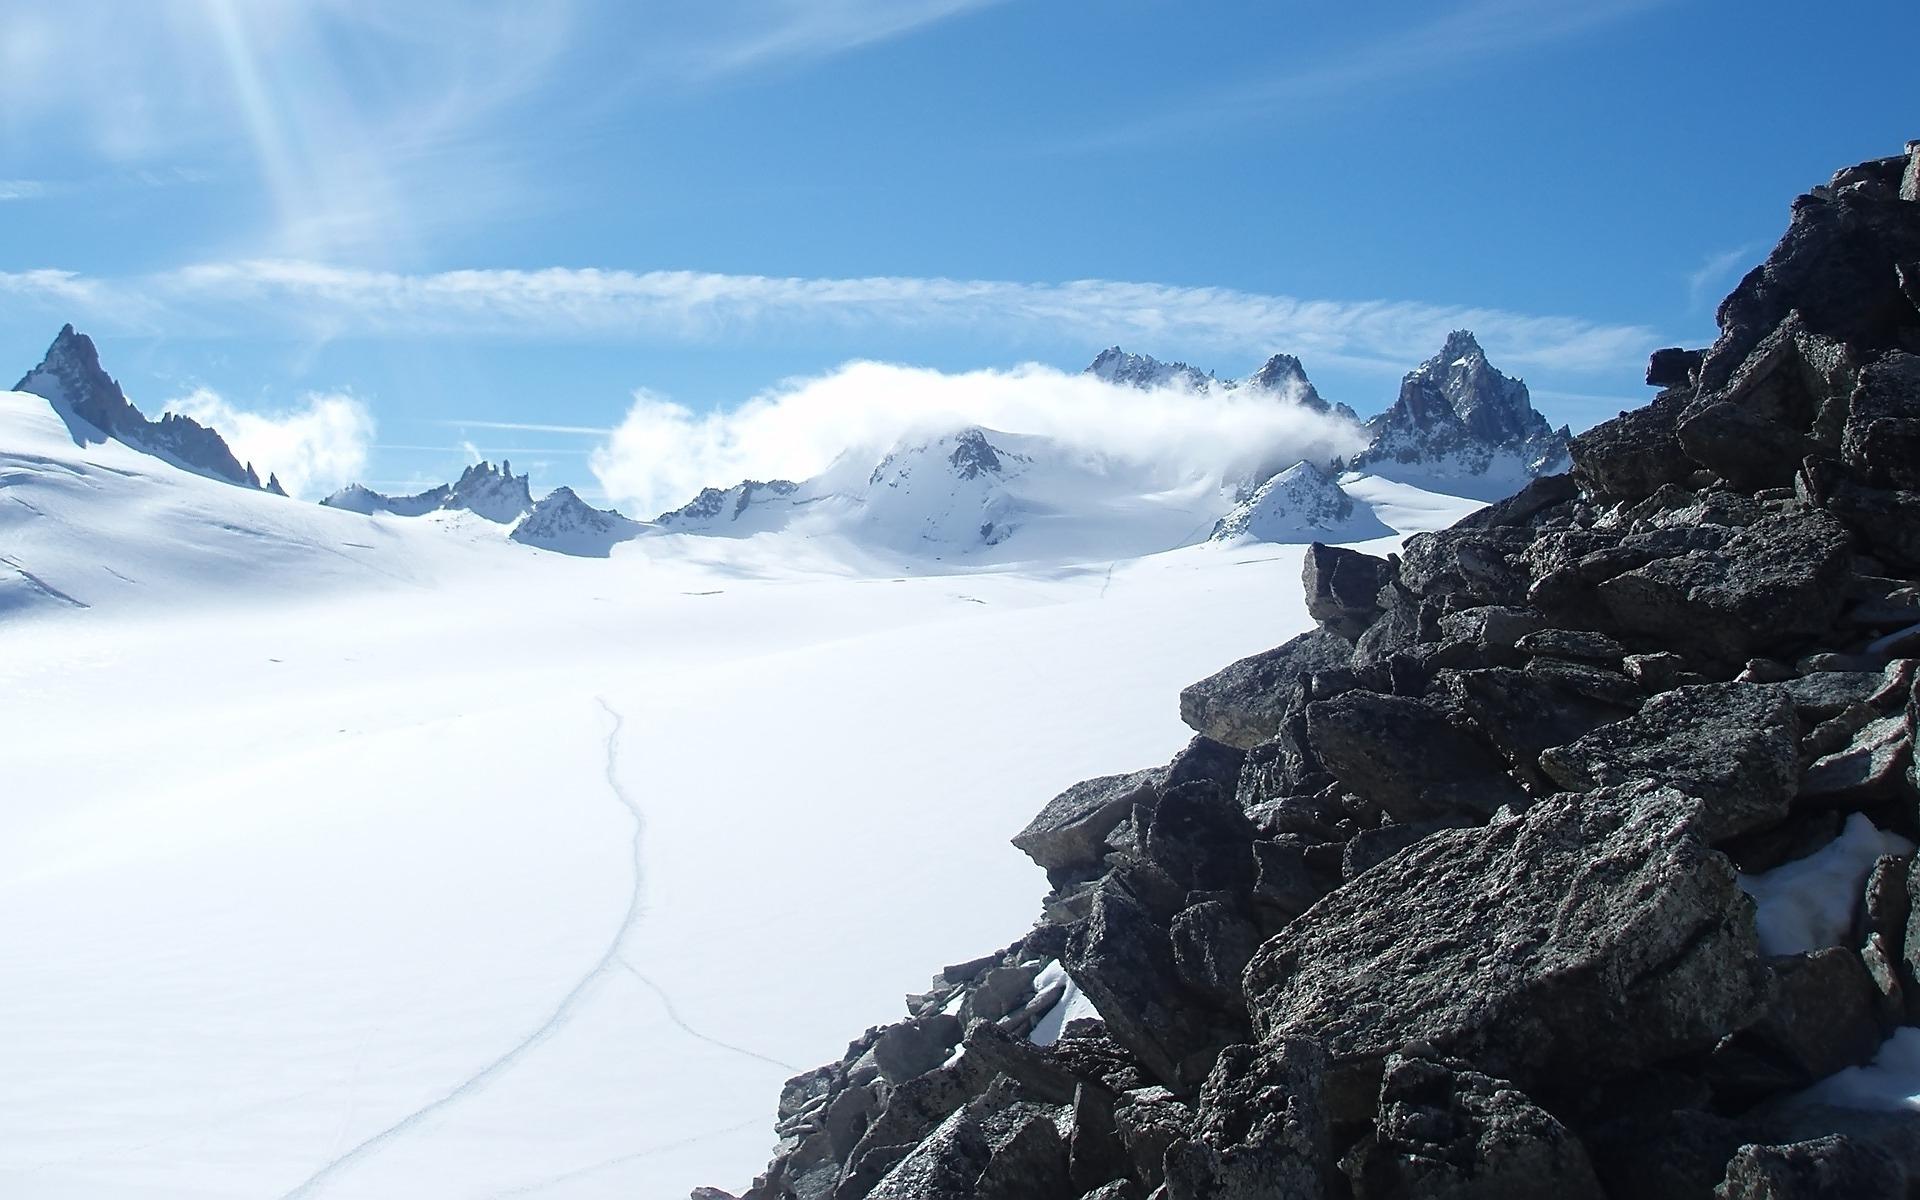 Картинка: Небо, горы, снег, облака, пейзаж, солнечный день